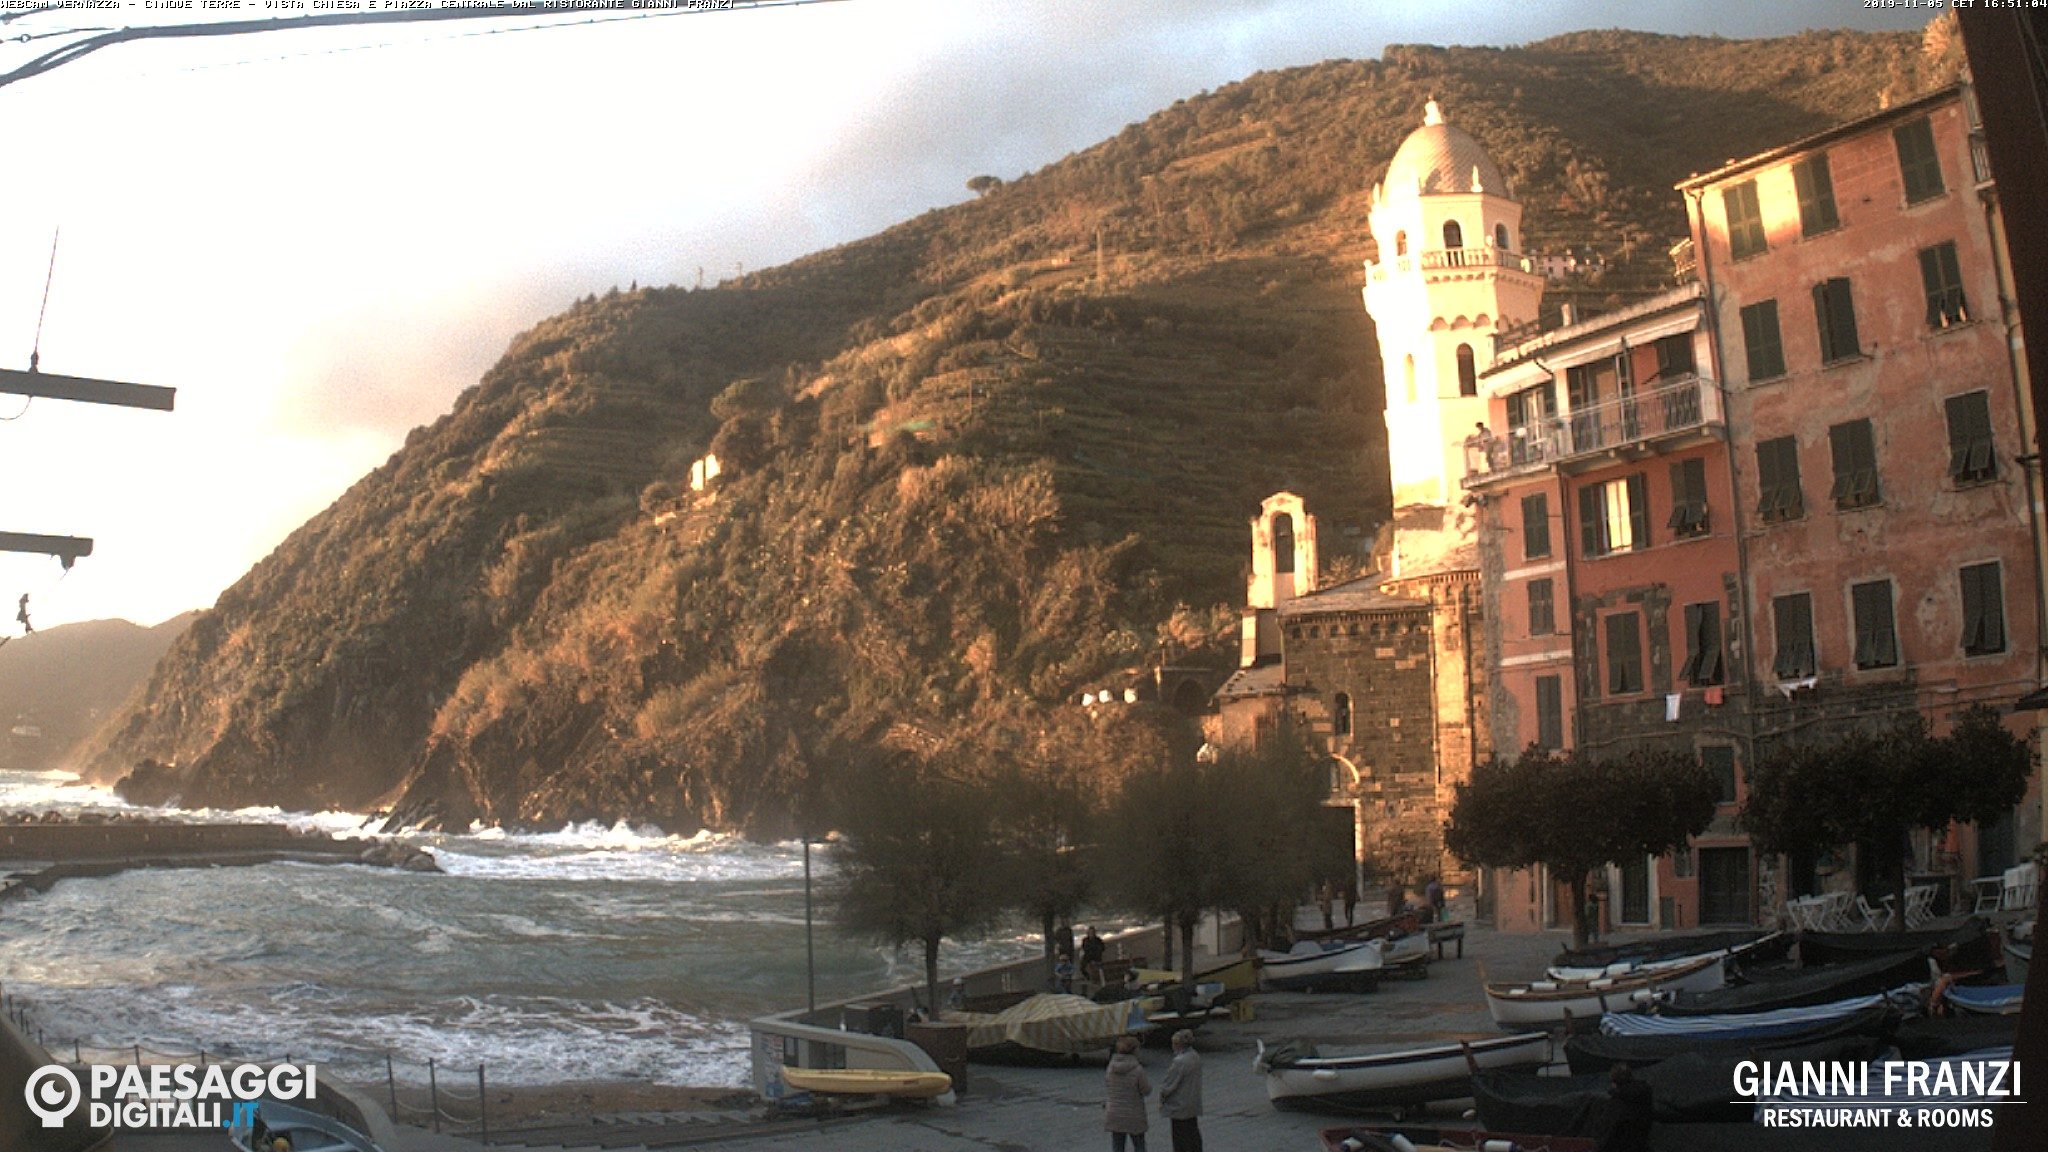 Webcam in Vernazza, Cinque Terre